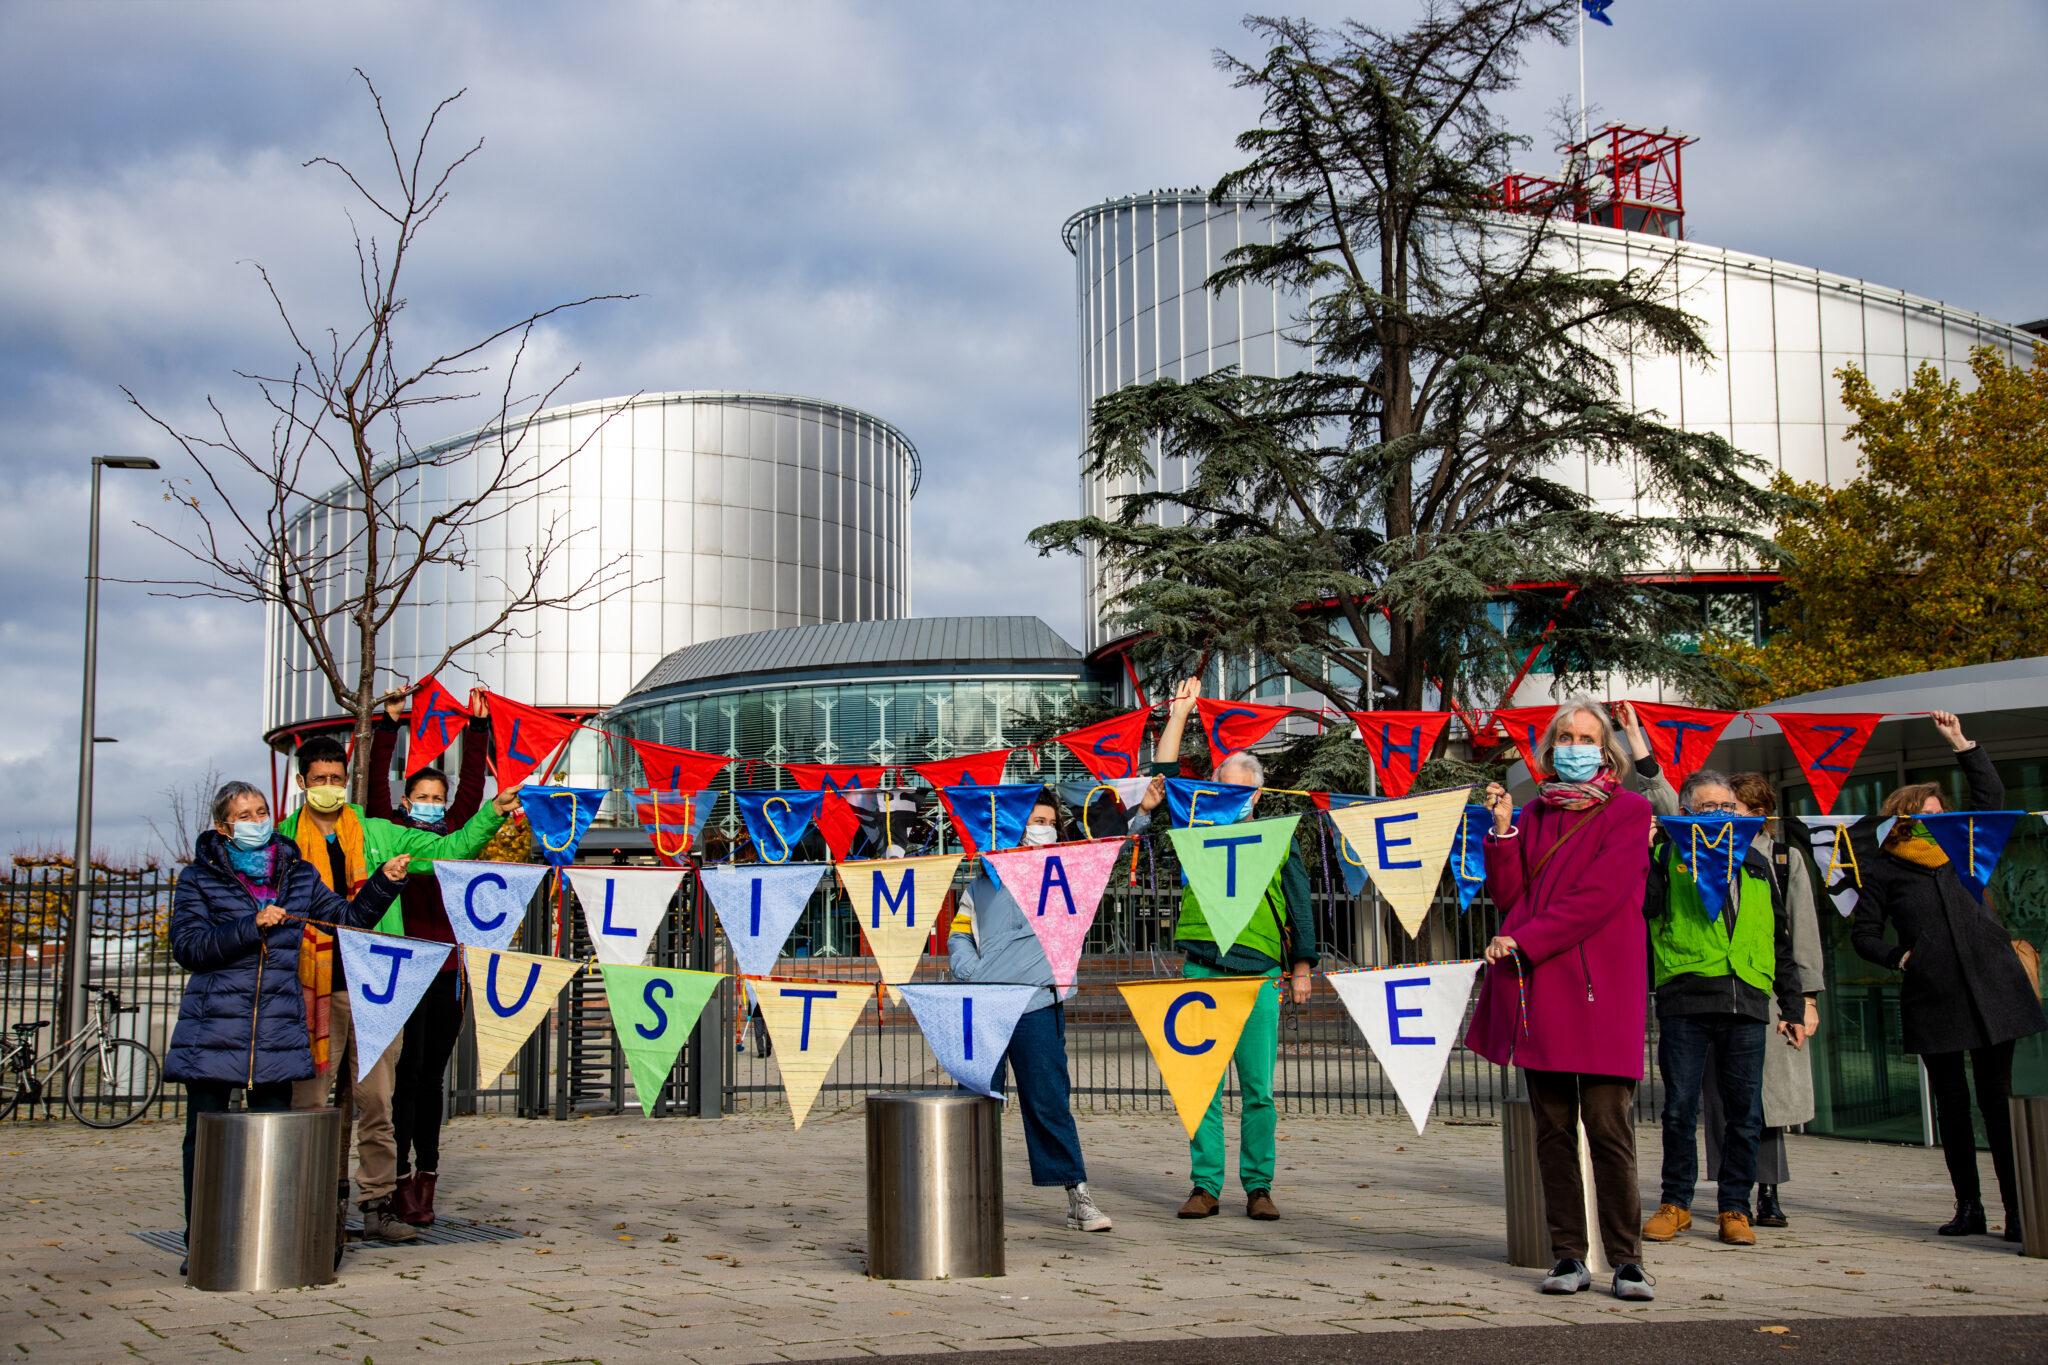 Die KlimaSeniorinnen mit bunten Wimpeln auf denen Climate Justice und Klimaschutz steht (1 Buchstabe pro Wimpel)